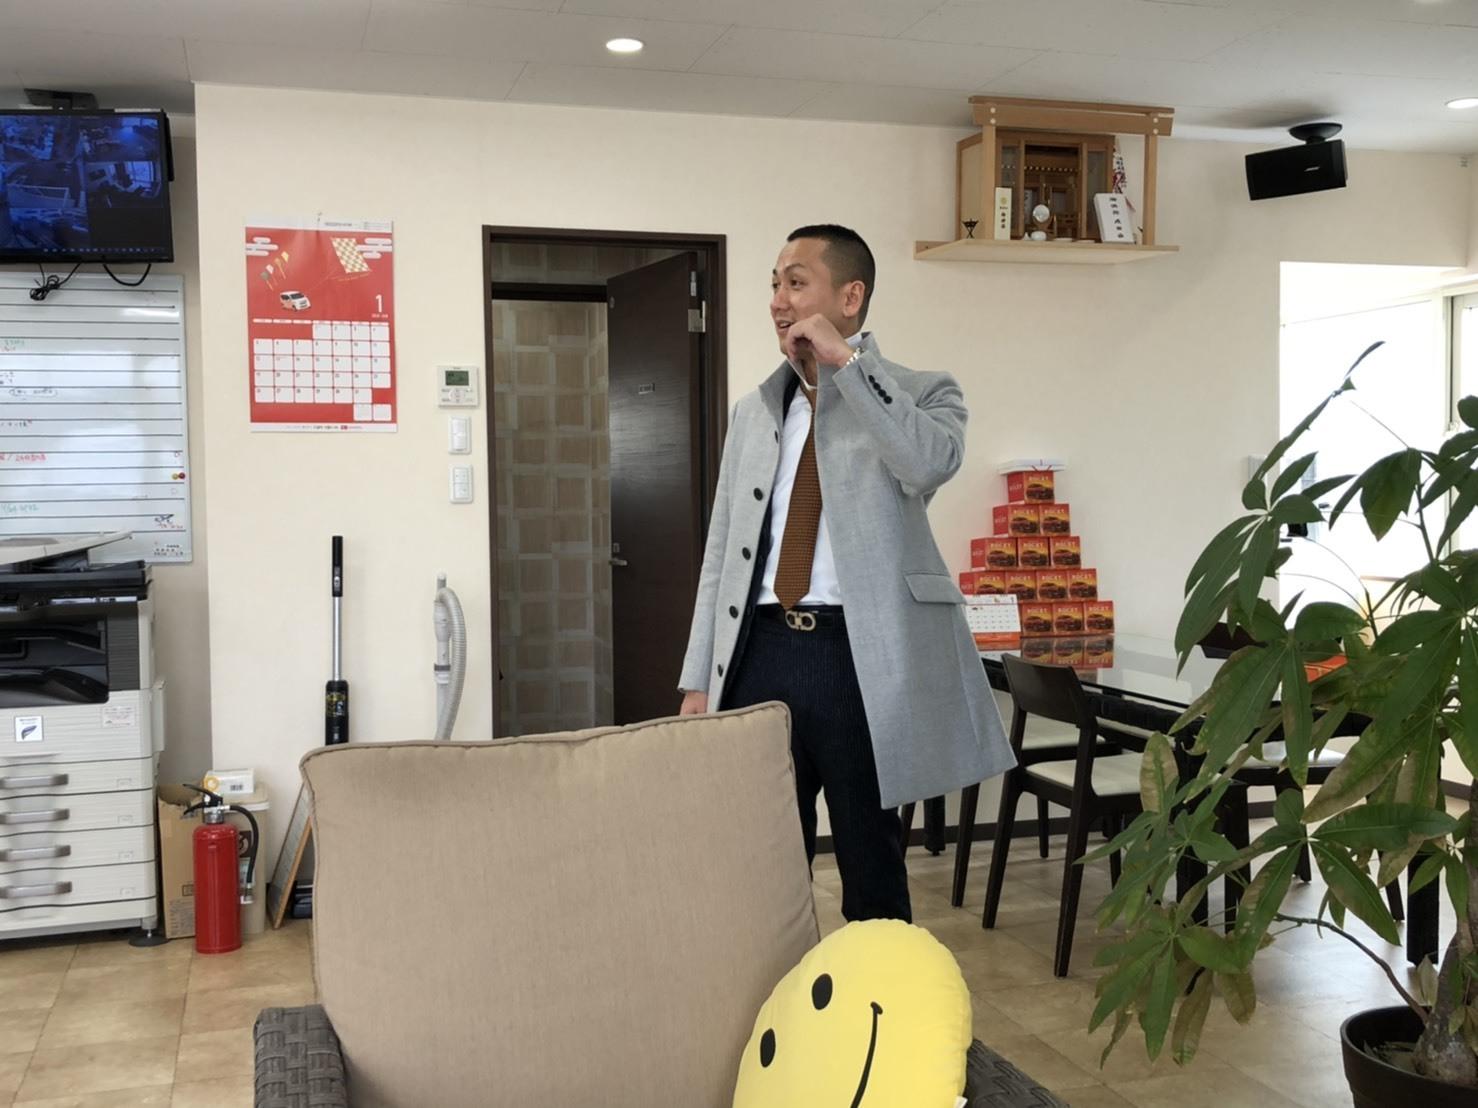 1月14日(火)GT63S 4DOORあります✊エスカレード アルファード ランクル TOMMY♡_b0127002_19065756.jpg